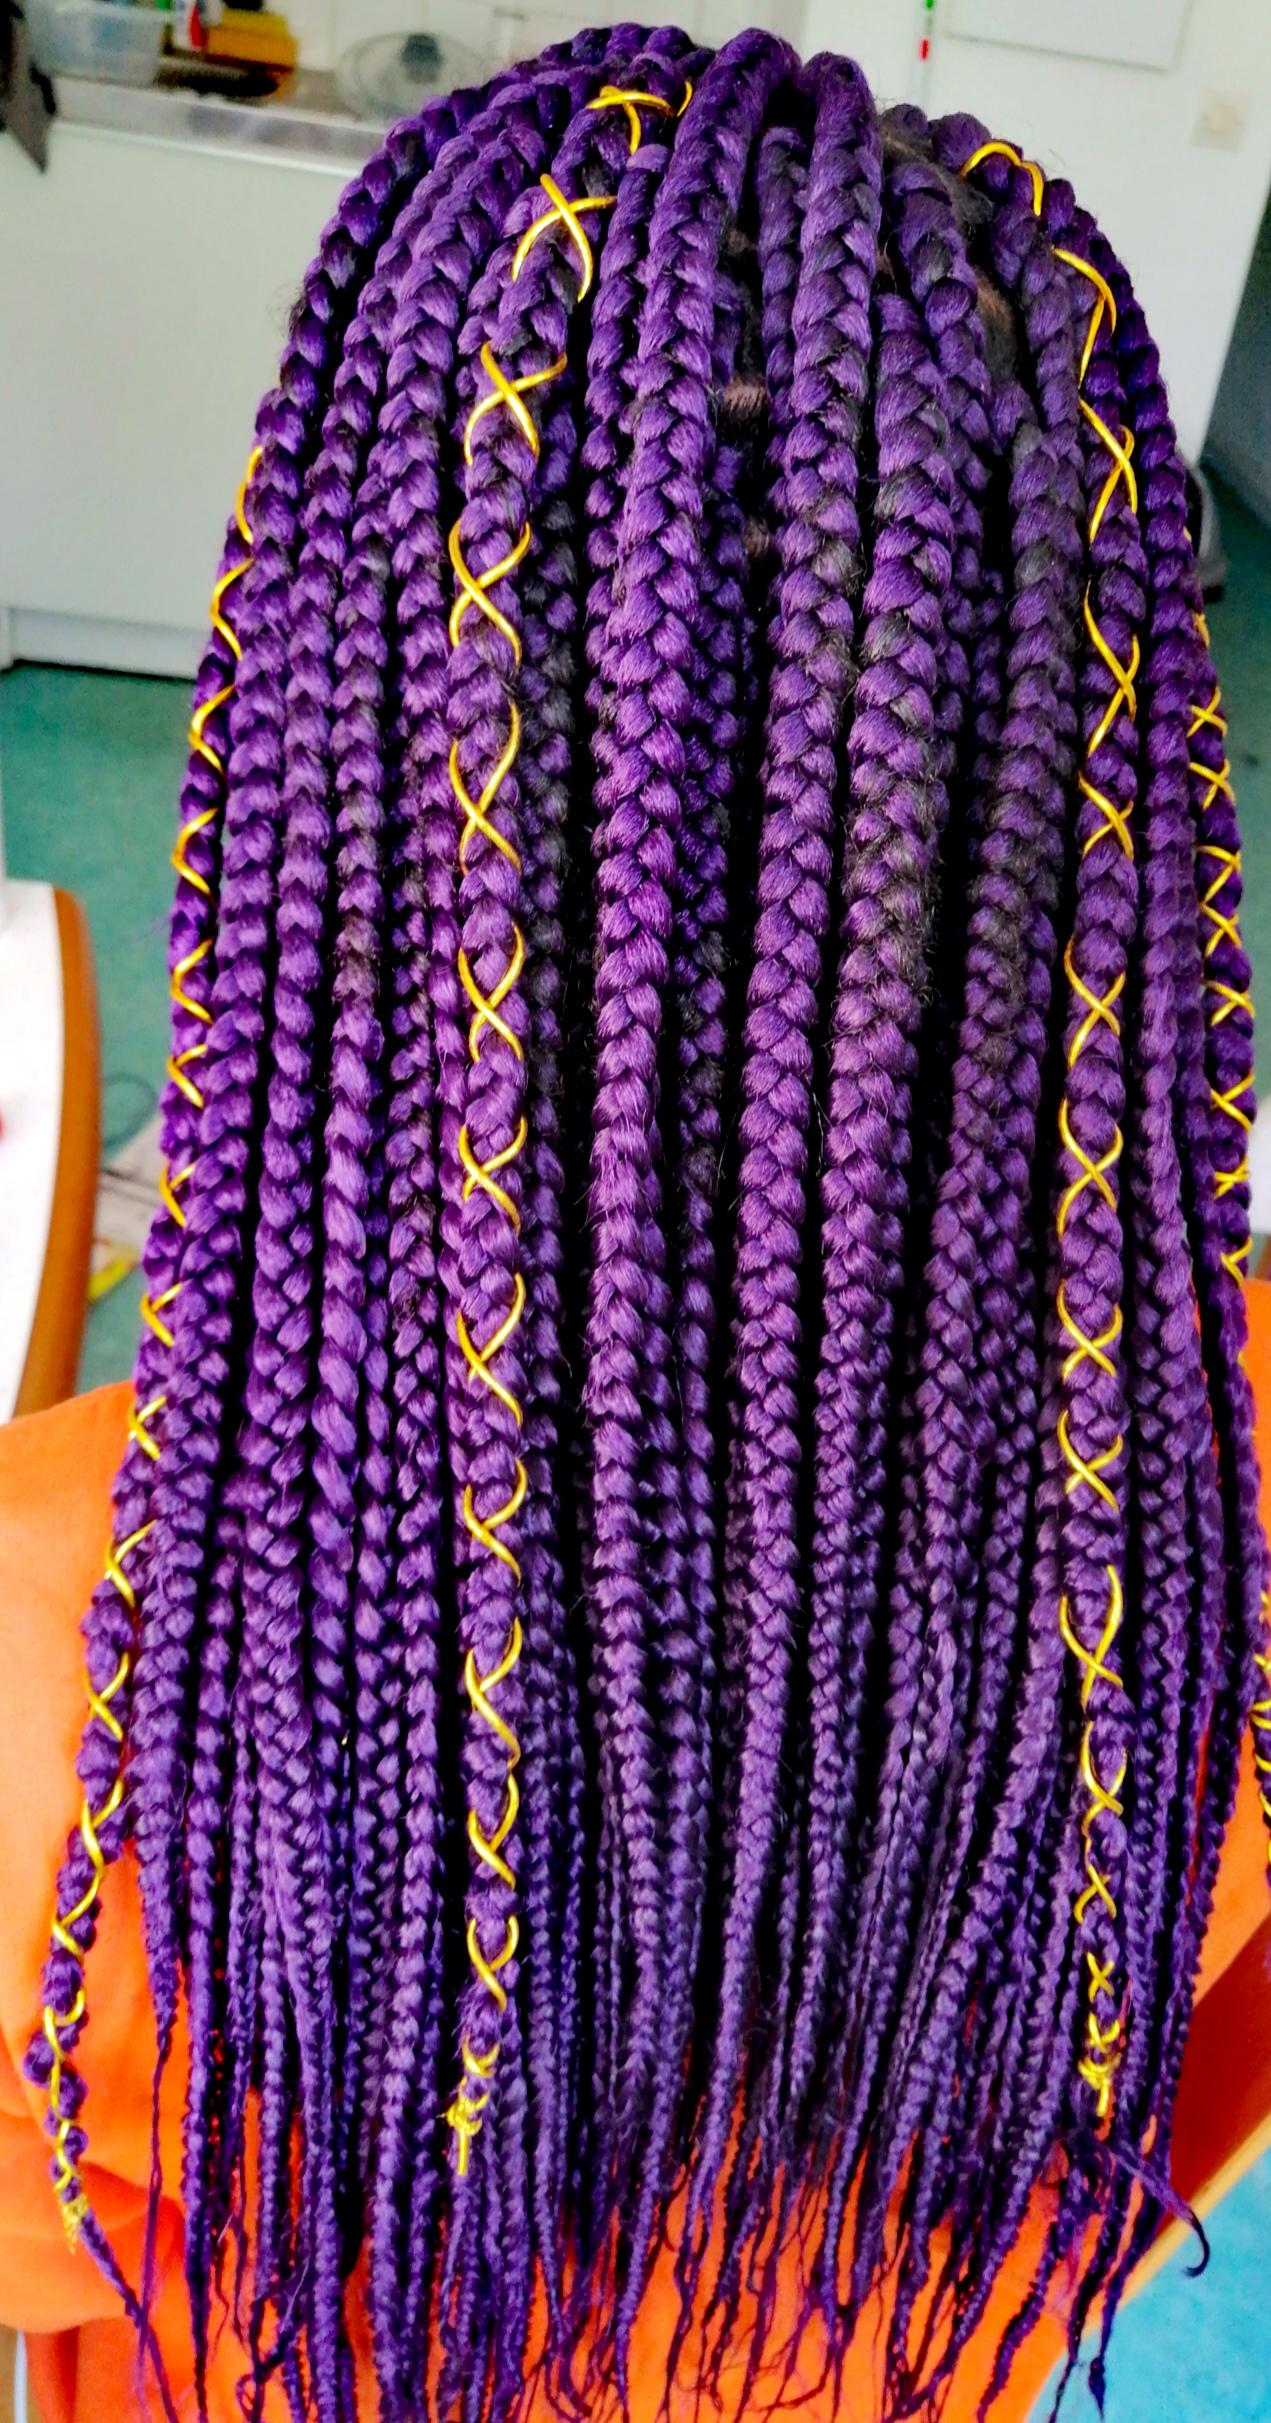 salon de coiffure afro tresse tresses box braids crochet braids vanilles tissages paris 75 77 78 91 92 93 94 95 EQISAORM